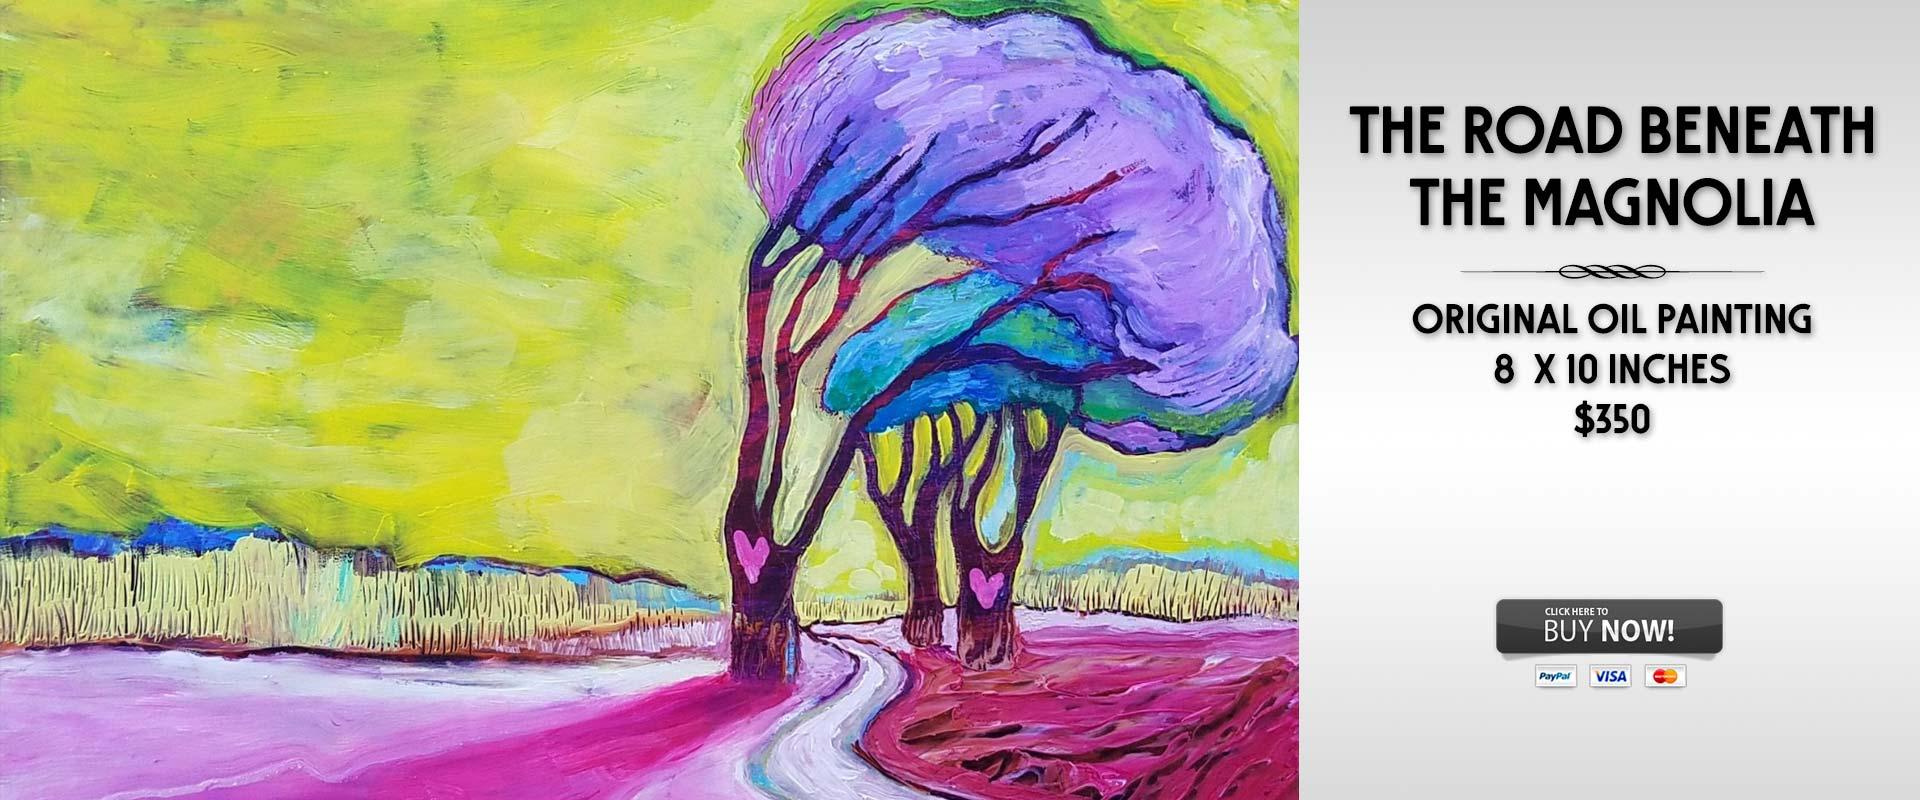 The Road Beneath the Magnolia original oil painting